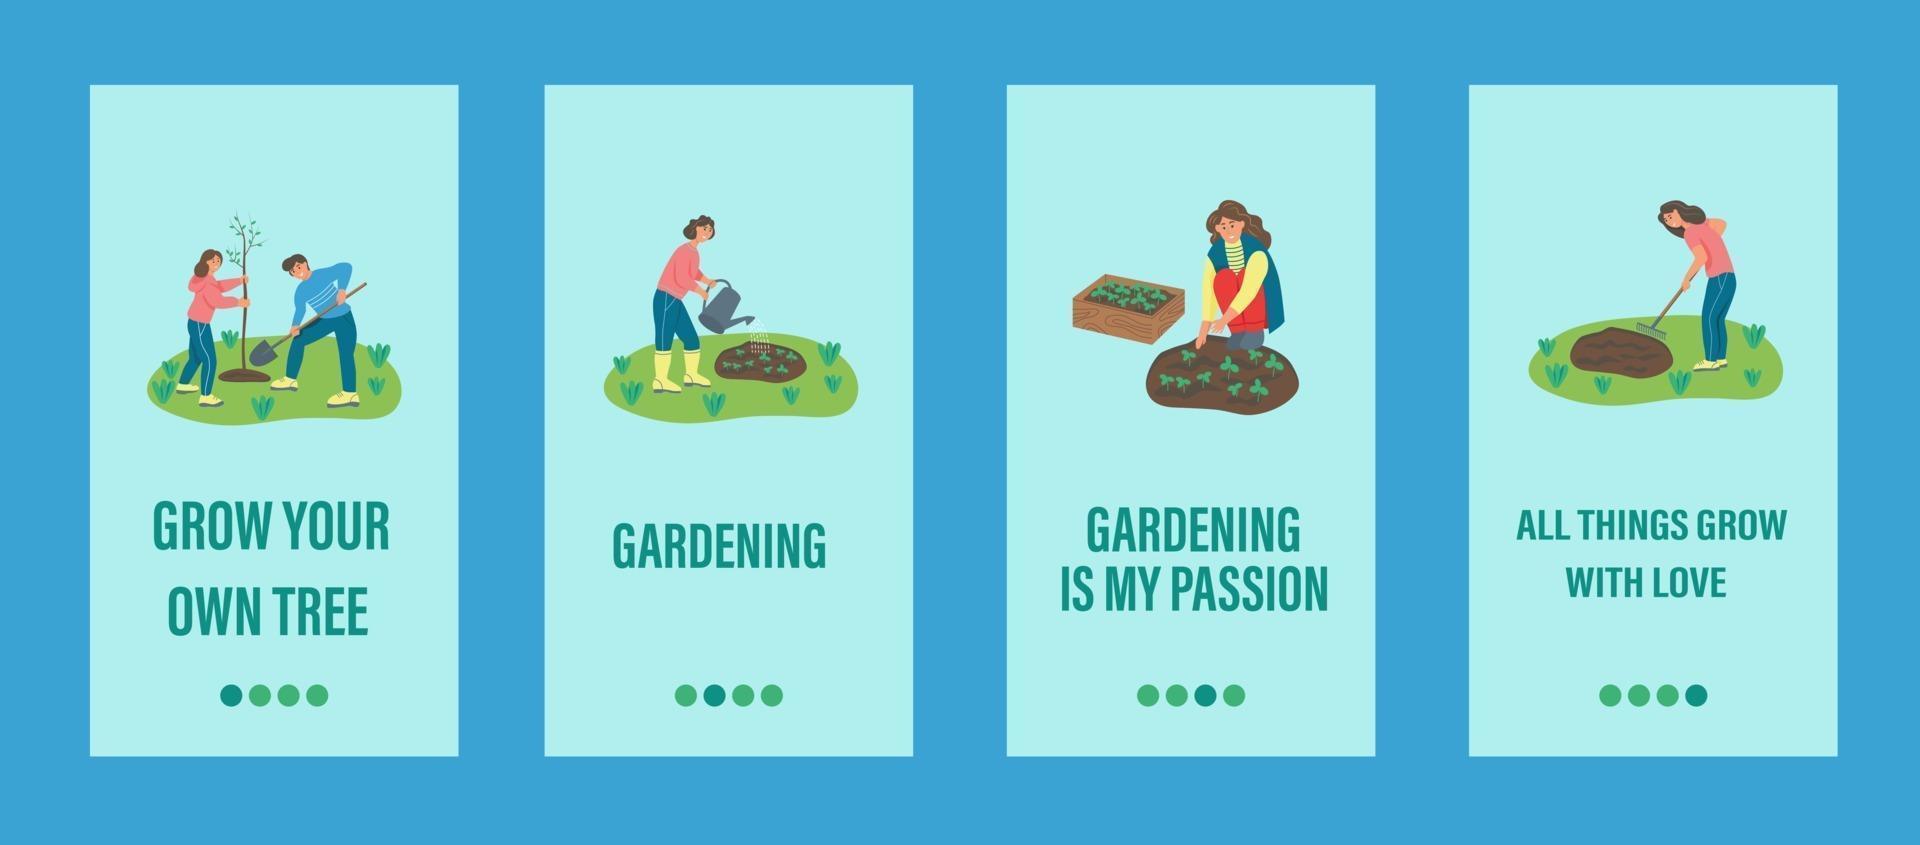 modèle d'application mobile de travail de jardin. les gens sont engagés dans le jardinage, la plantation d'arbres et de plantes. illustration vectorielle plane. vecteur